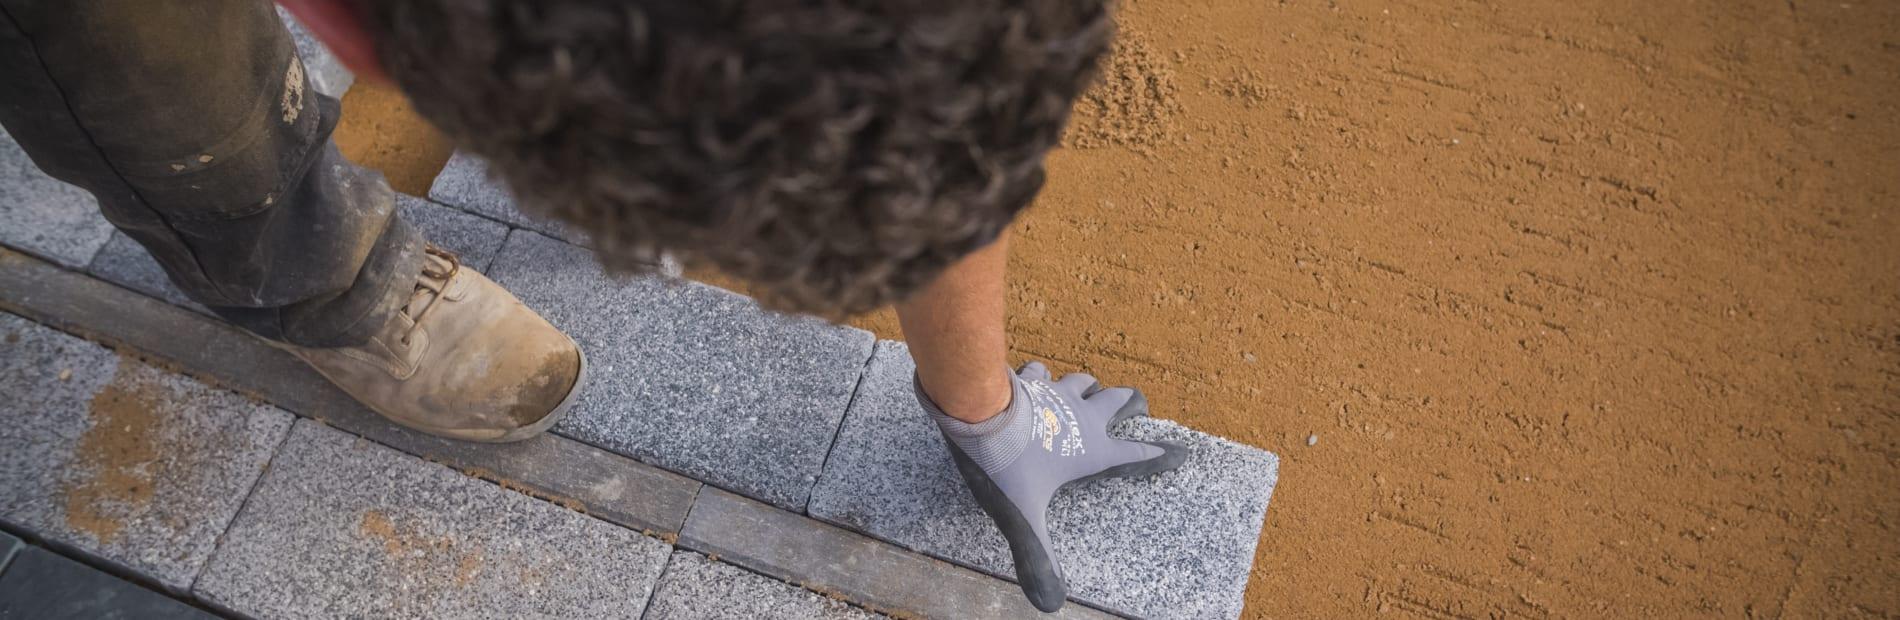 Installer laying paving